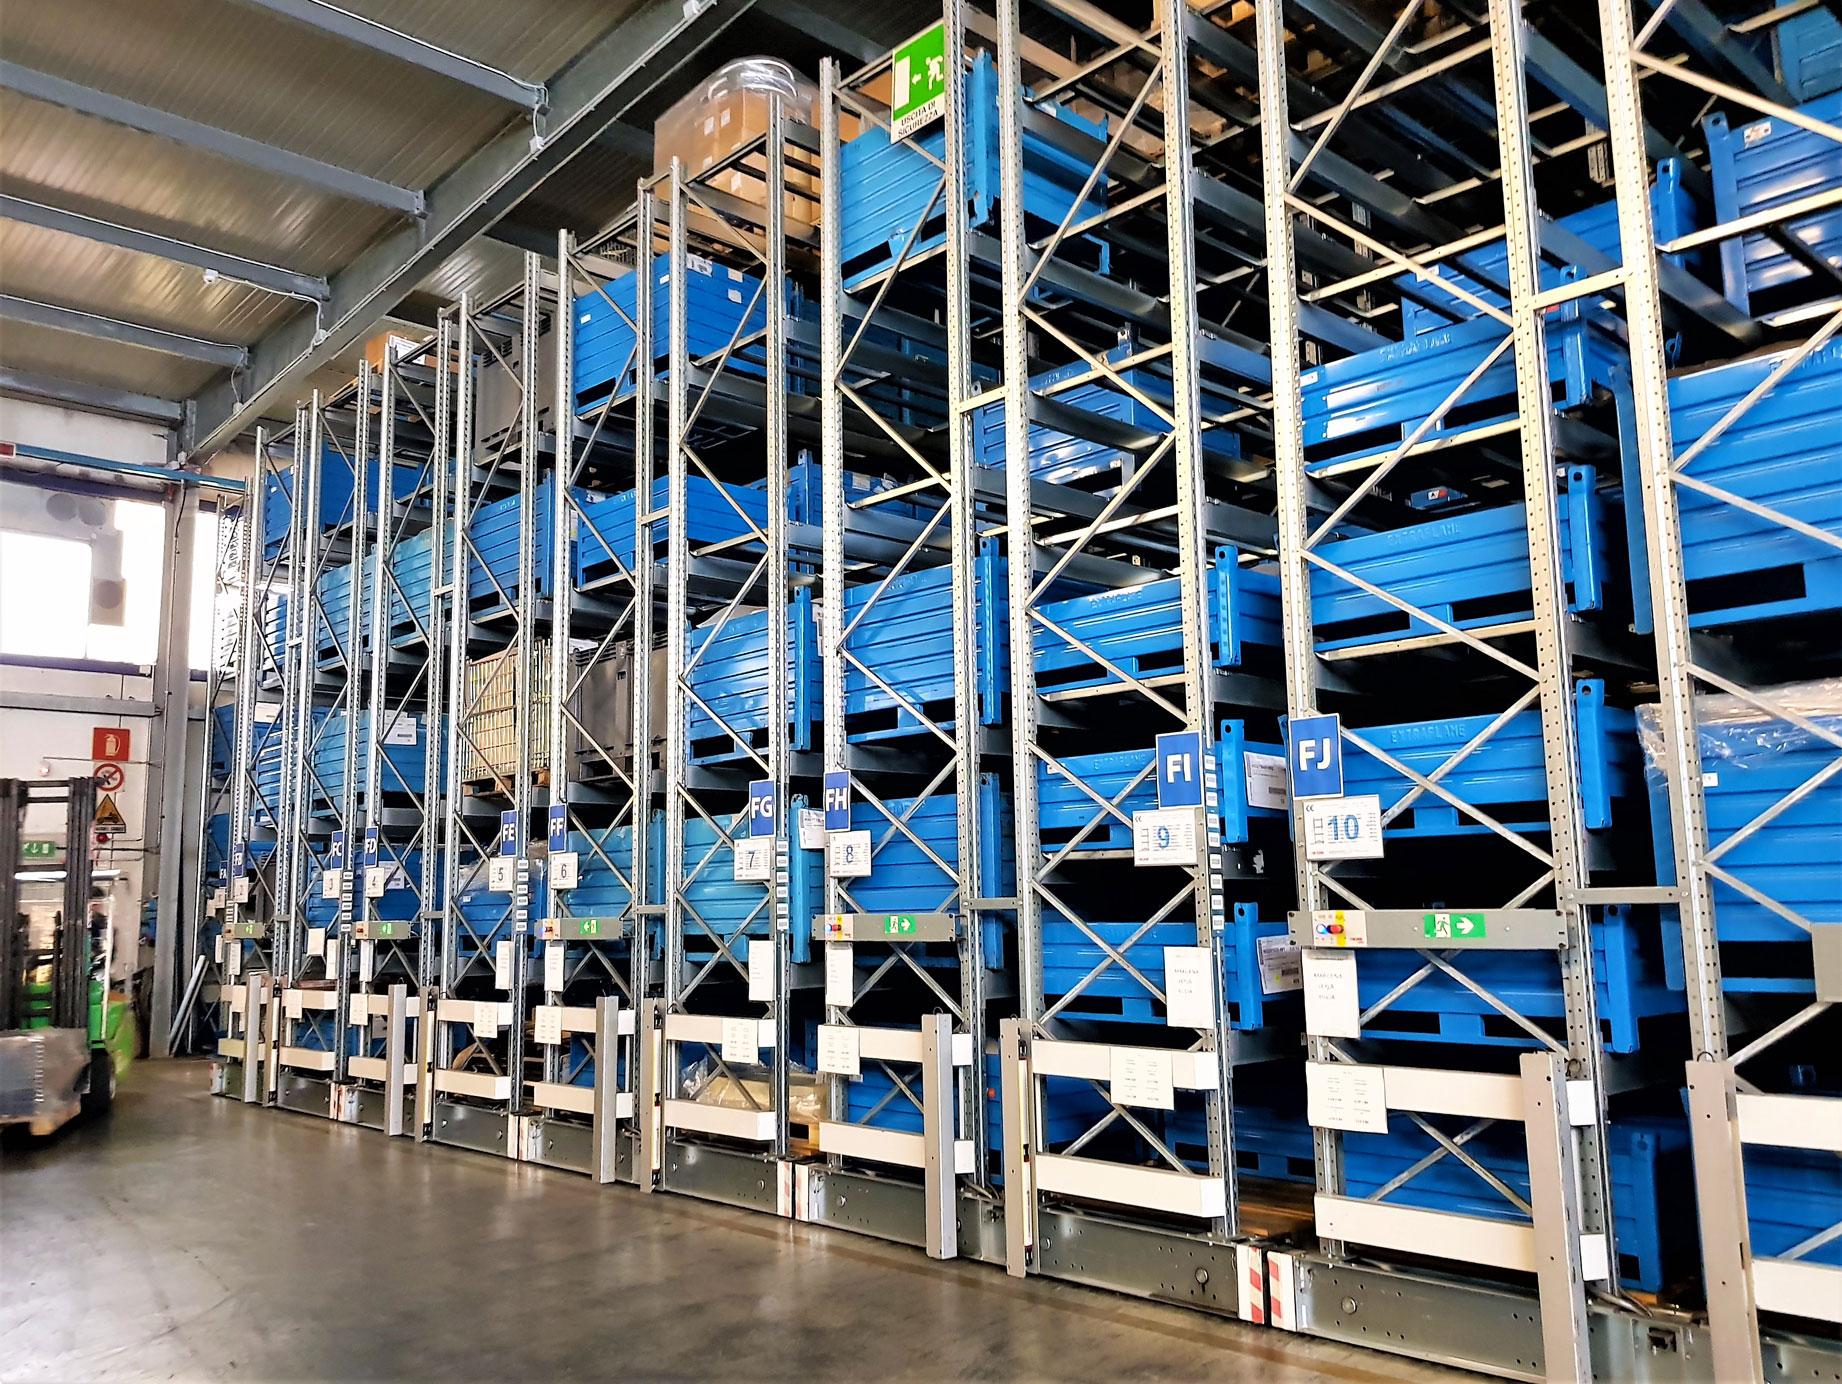 magazzino compattabile portacontenitori metallici blu